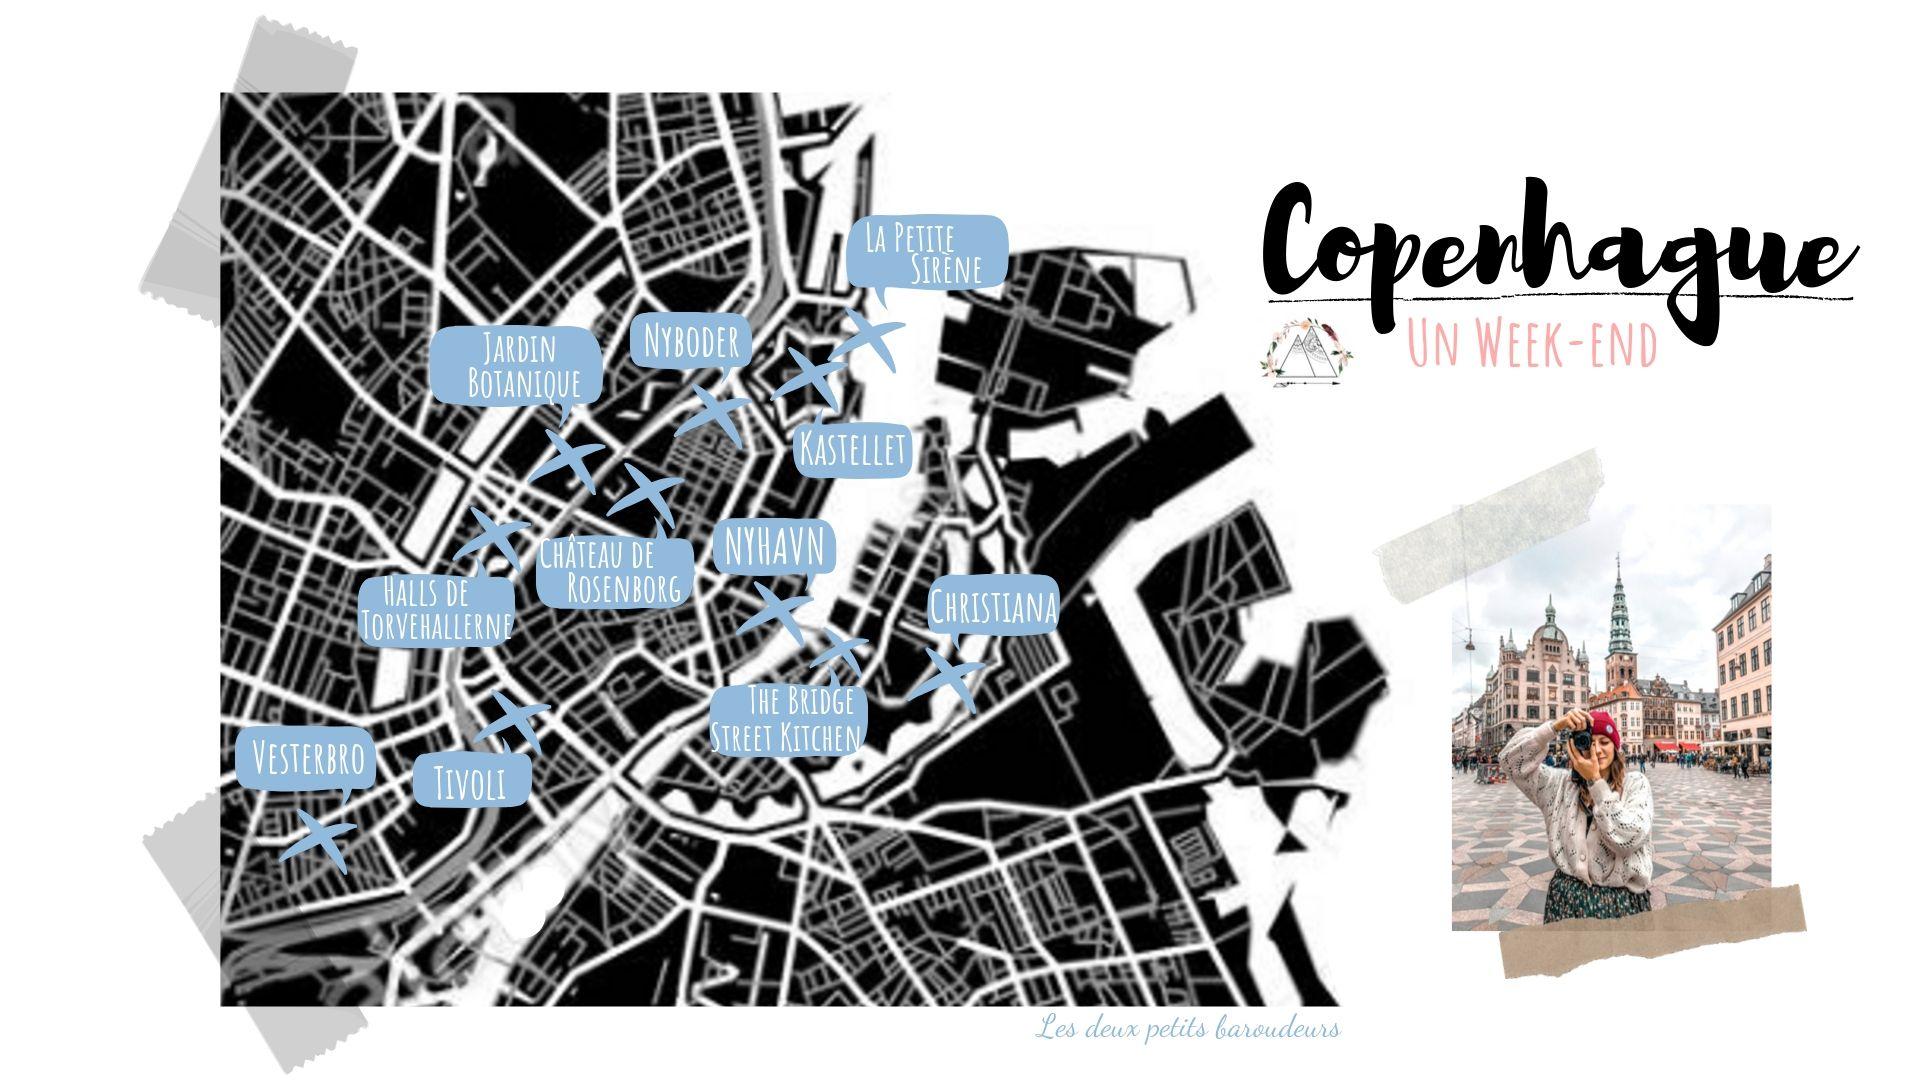 carte itinéraire visiter copenhague points intérêt